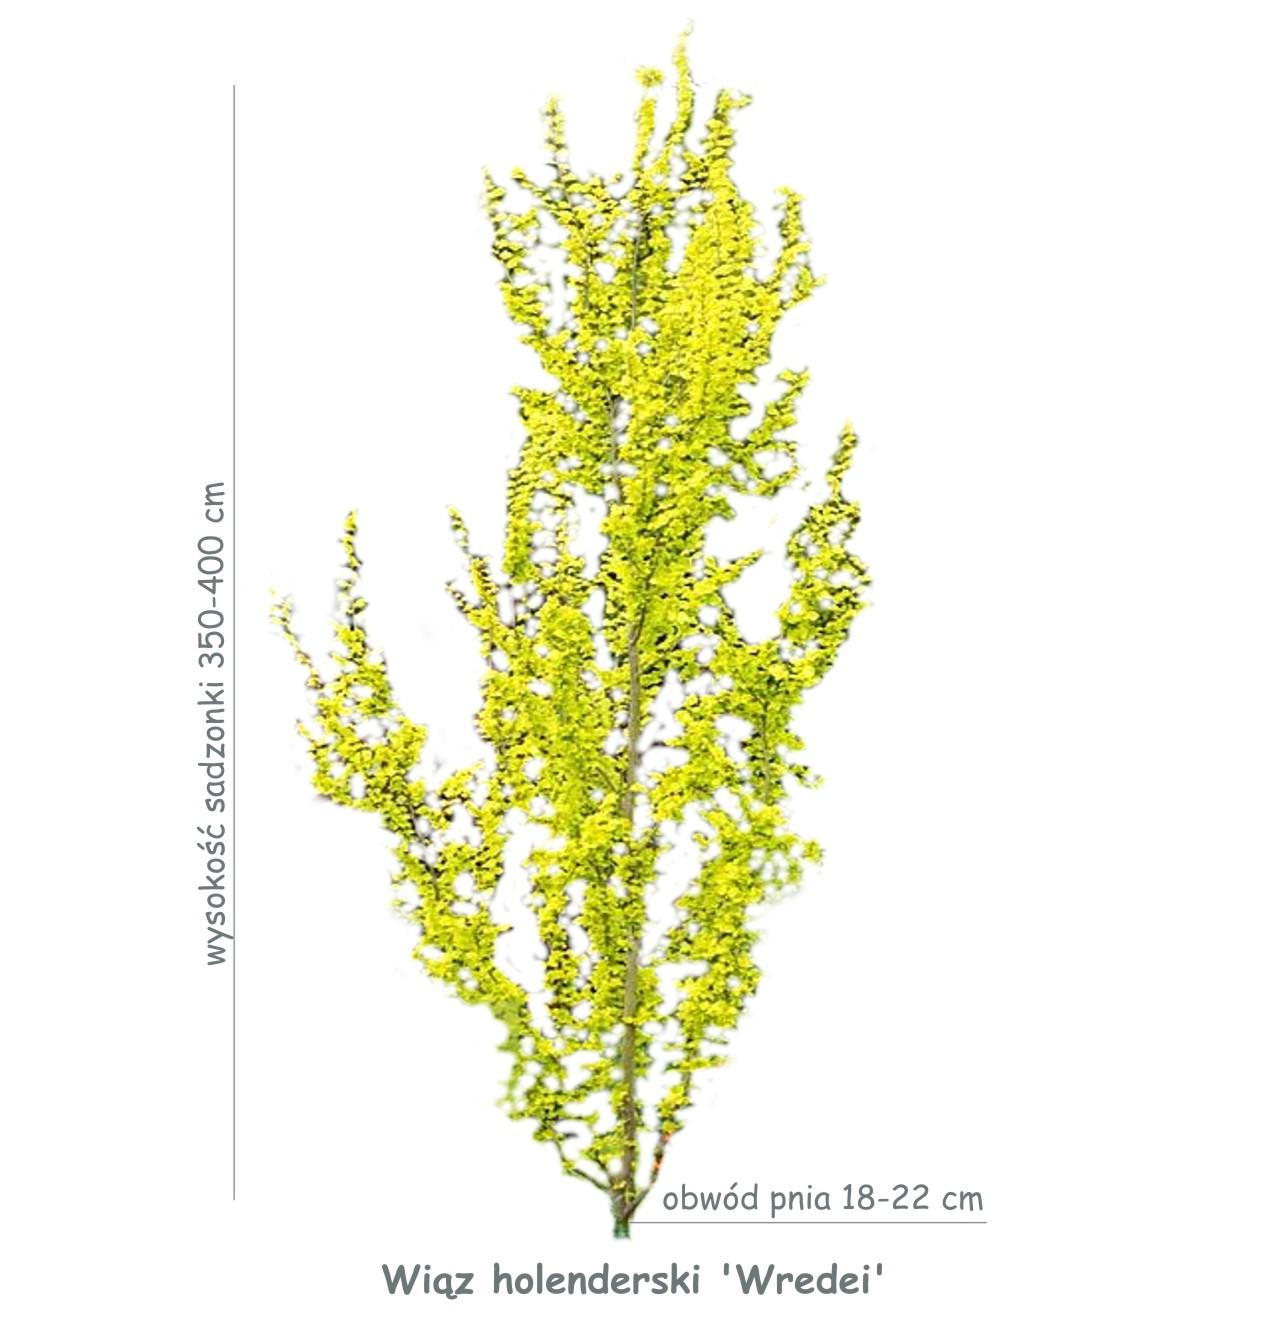 Wiąz holenderski 'Wredei' (Ulmus x hollandica) sadzonka o obwodzie pnia 18-20 cm